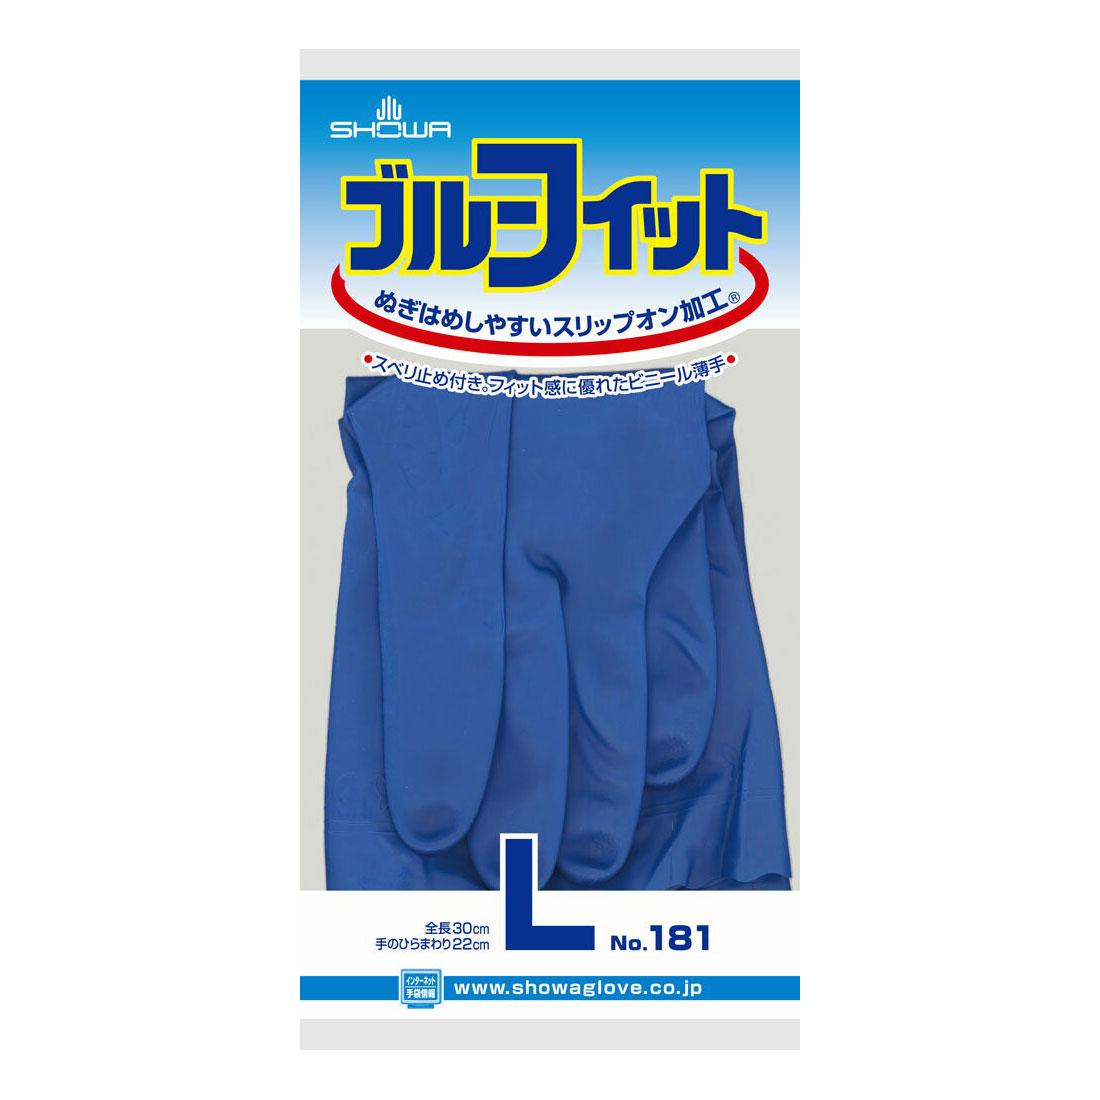 【送料込・まとめ買い×240】 ショーワ SHOWA 塩化ビニール手袋 #181 ブルーフィット Lサイズ ×240個セット (4901792013338)